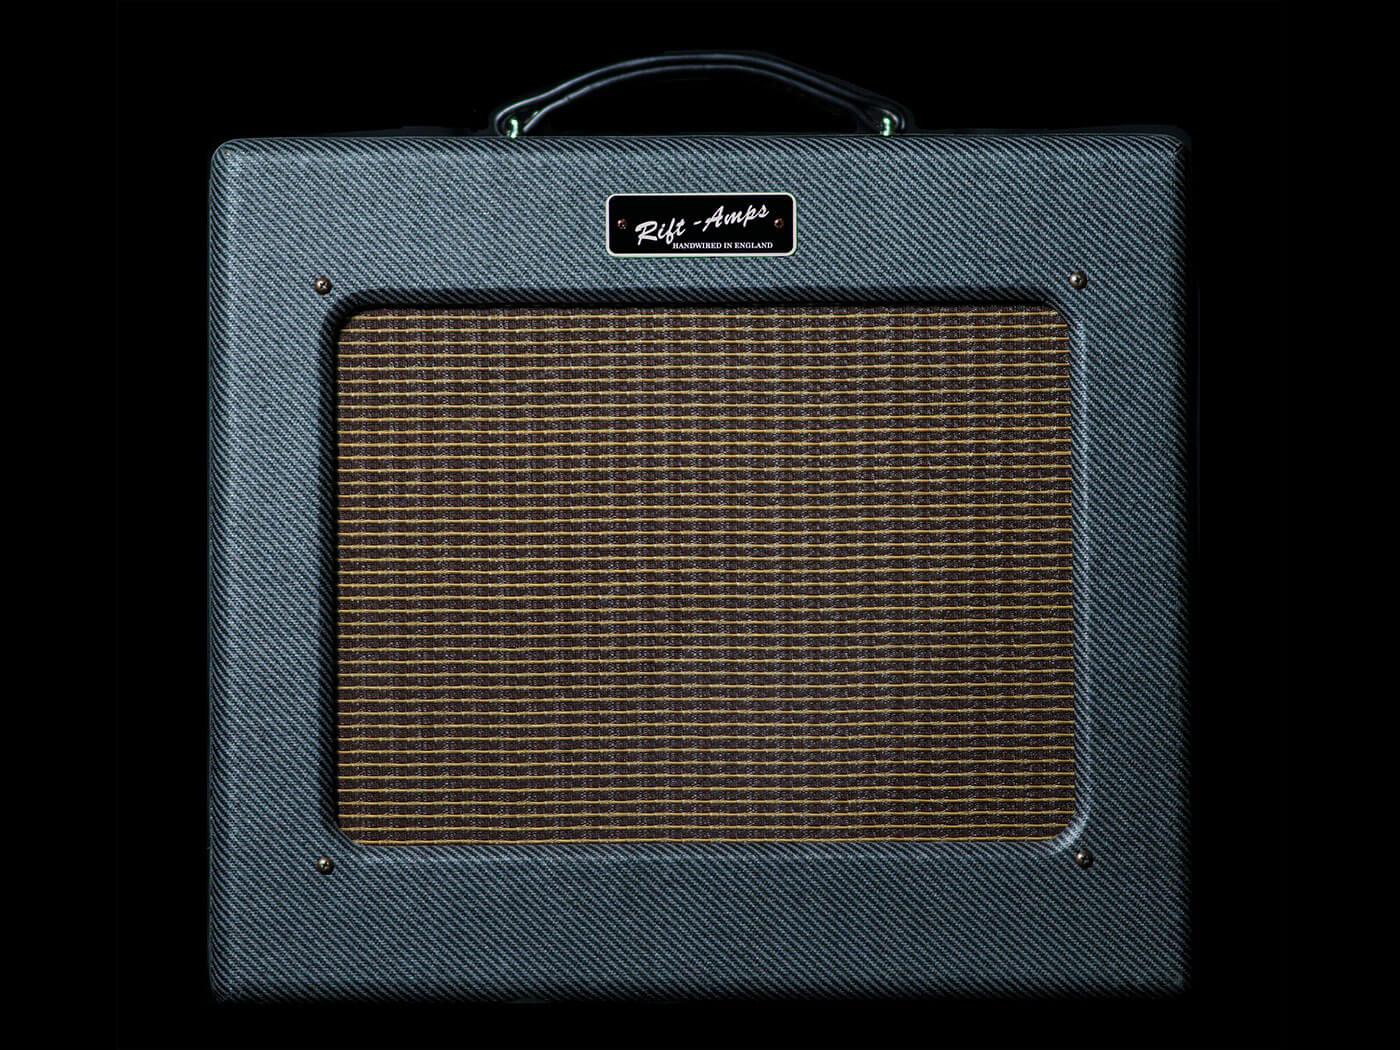 Rift Amps Americana